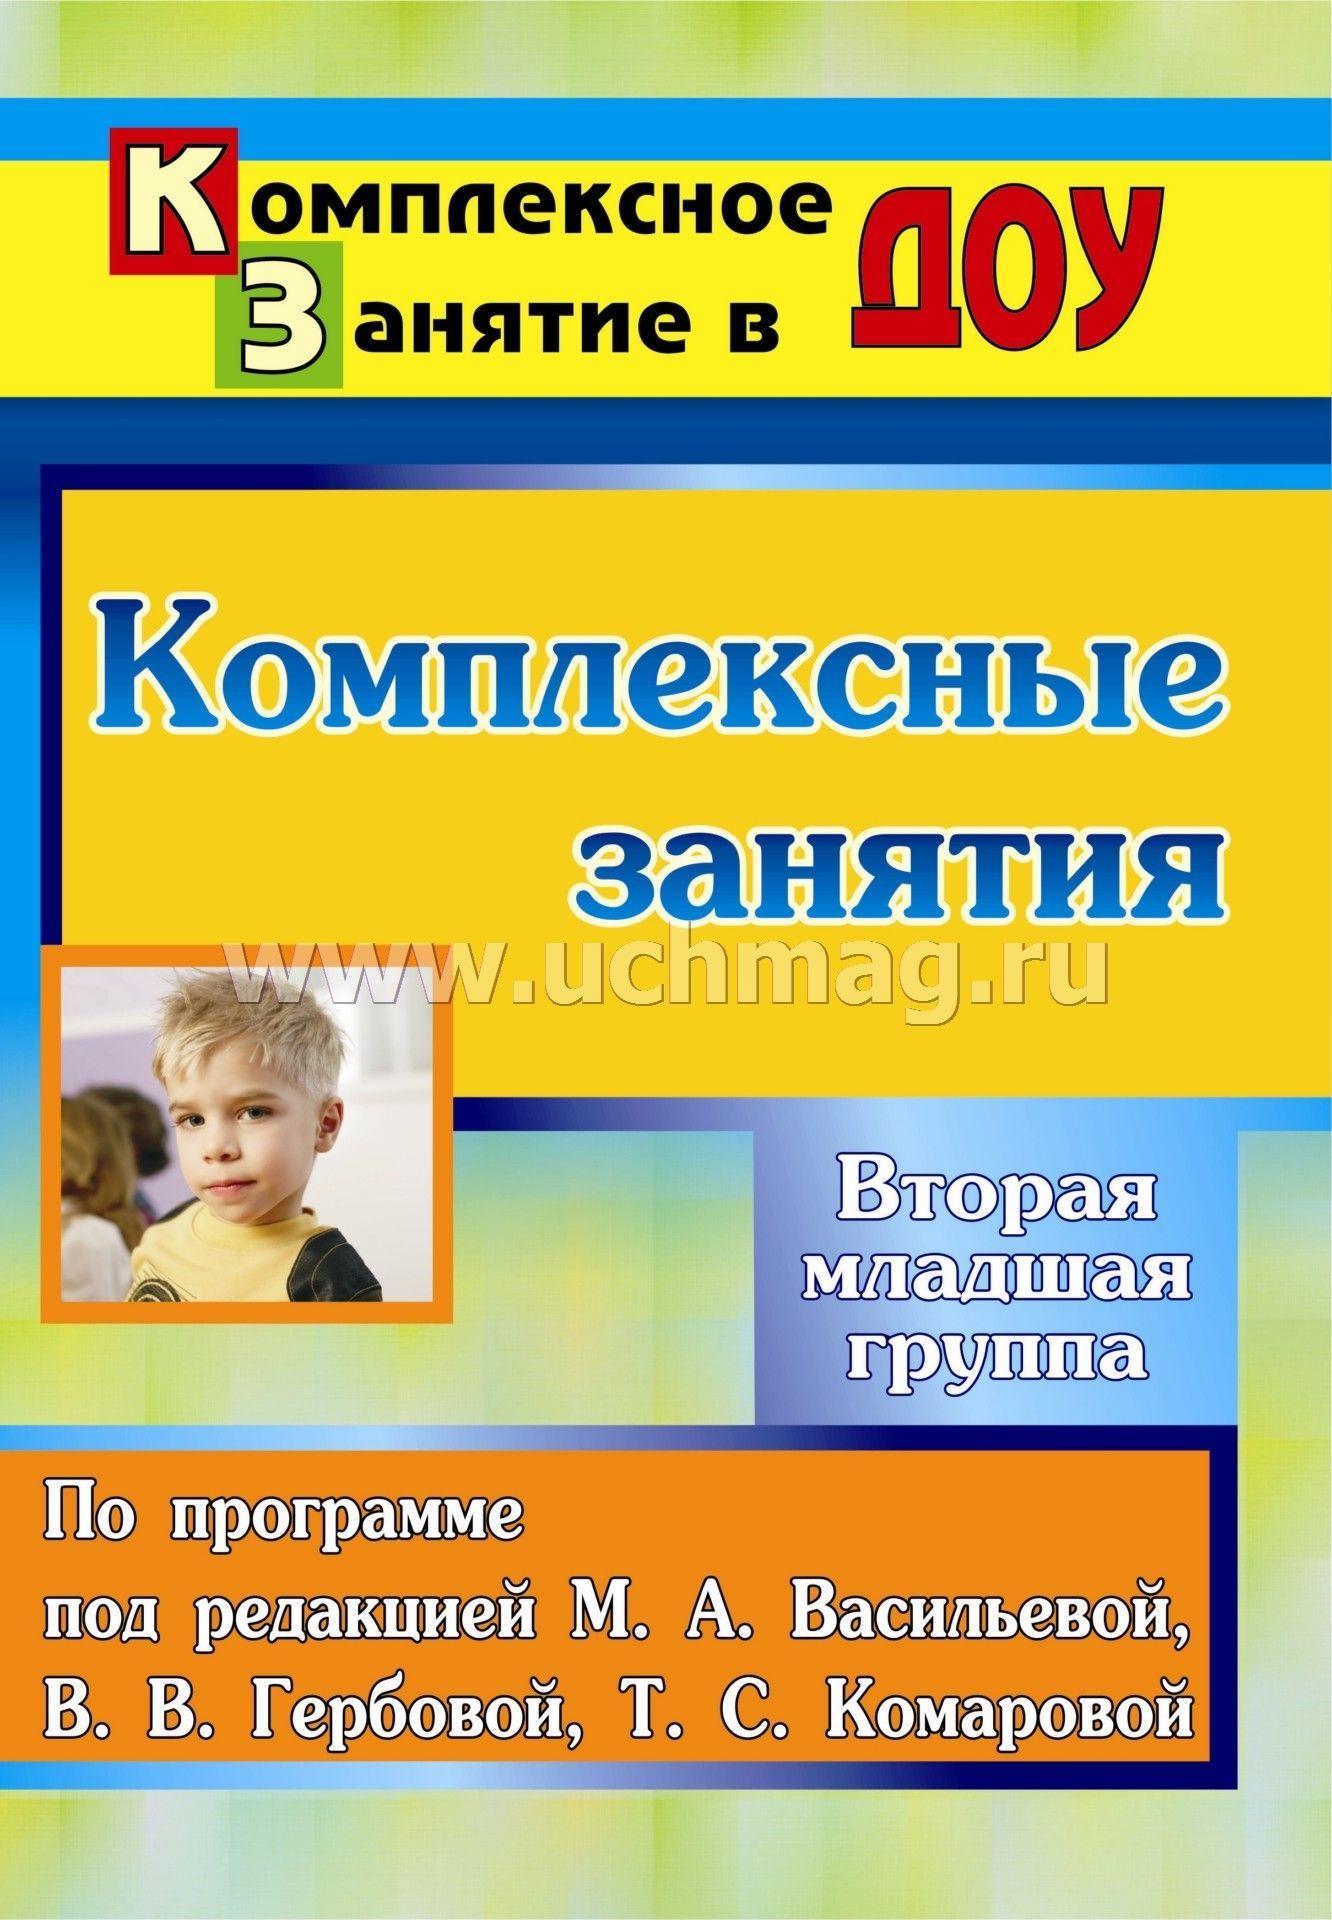 Программа воспитания и обучения в детском саду васильева гербовой скачать бесплатно обучение на категорию a украина